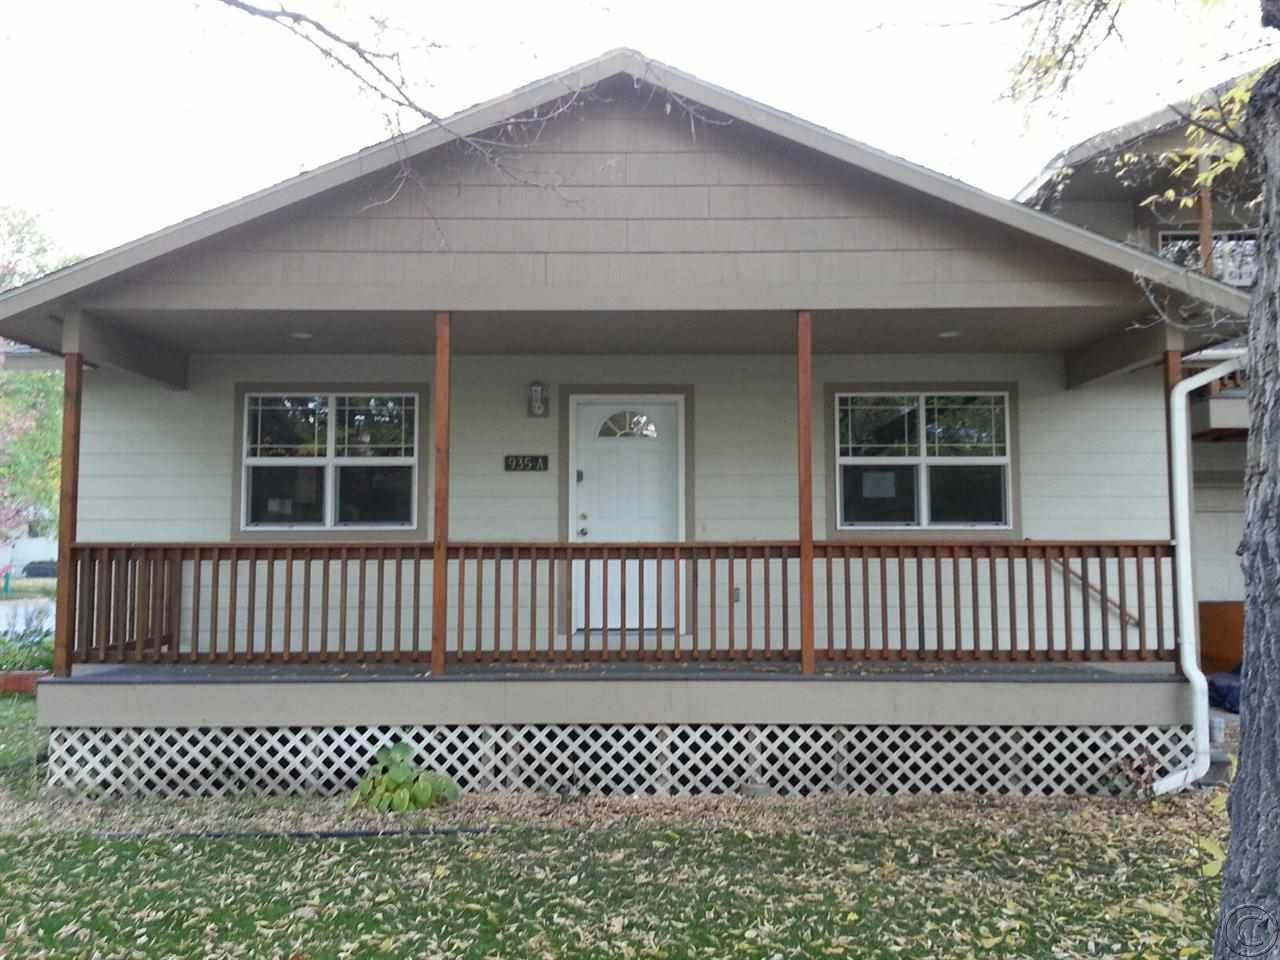 935 S Garfield St, Missoula, MT 59801